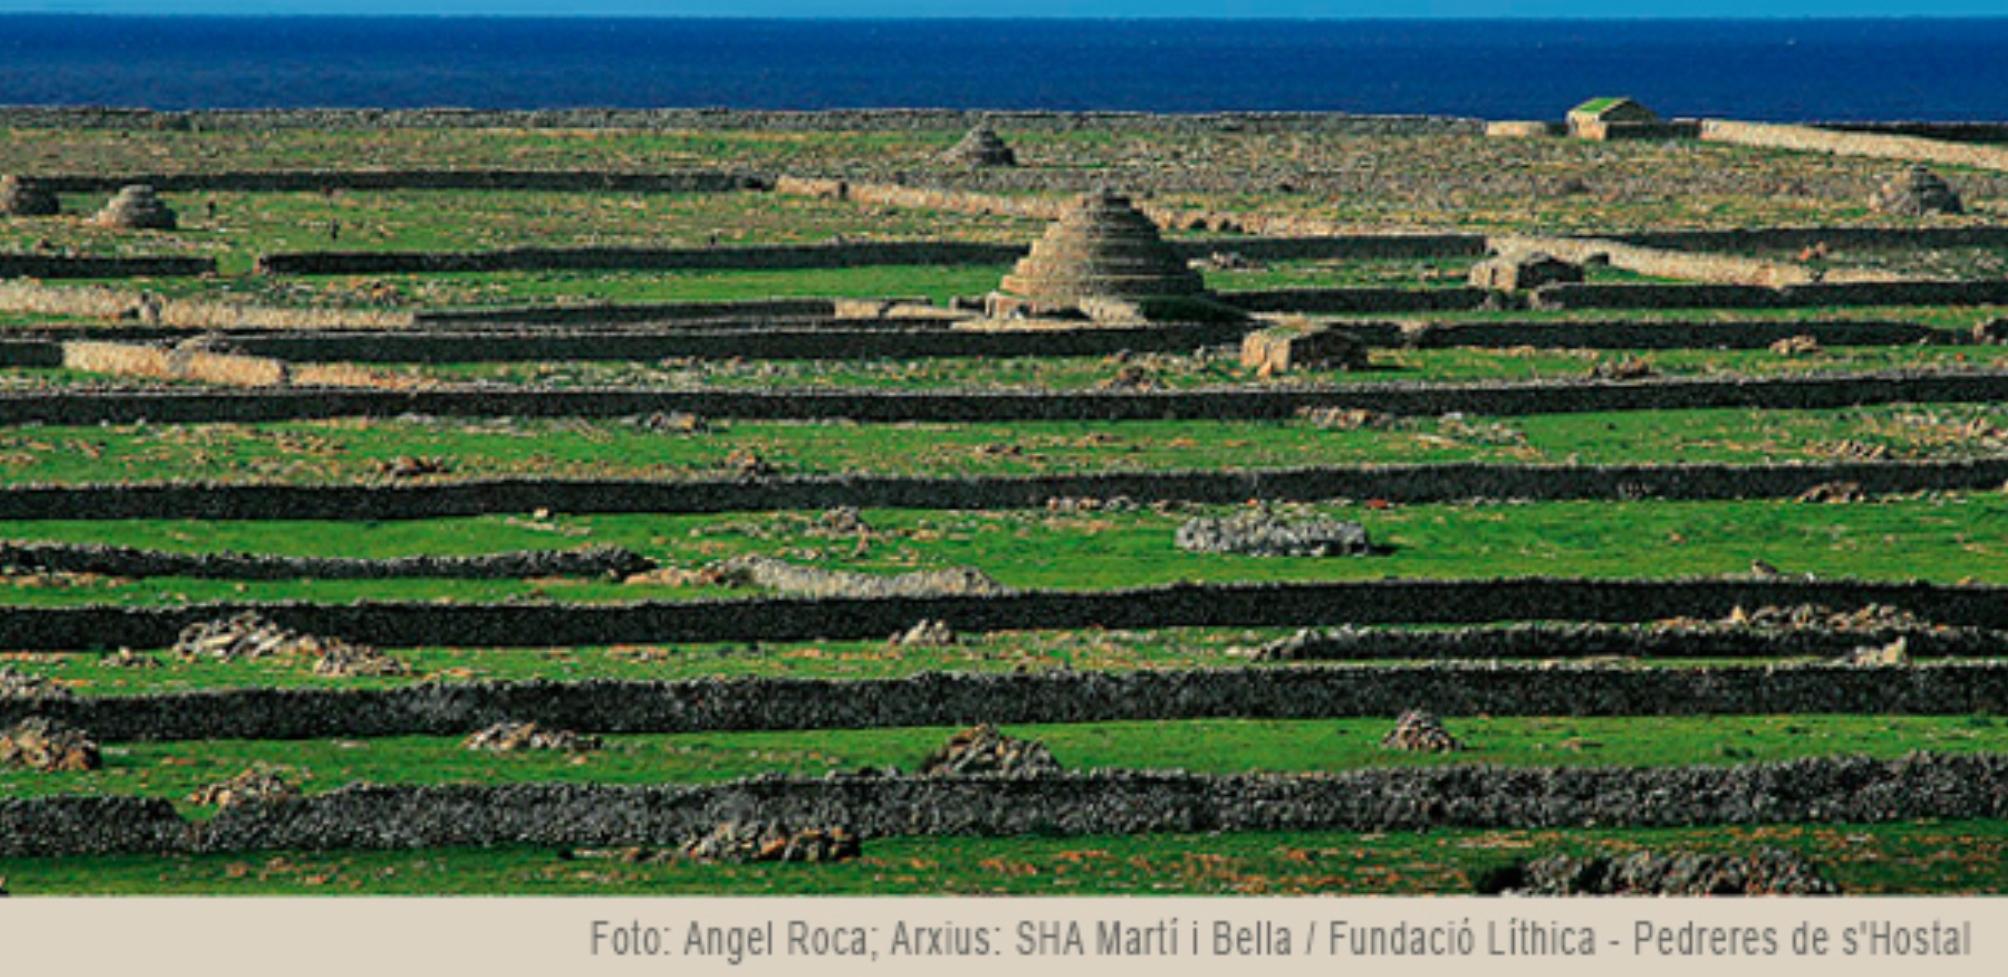 Foto (portada del concurso) Ángel Roca; archivo SHA Martí i Bella Fundación Líthica – Pedreres de s'Hostal